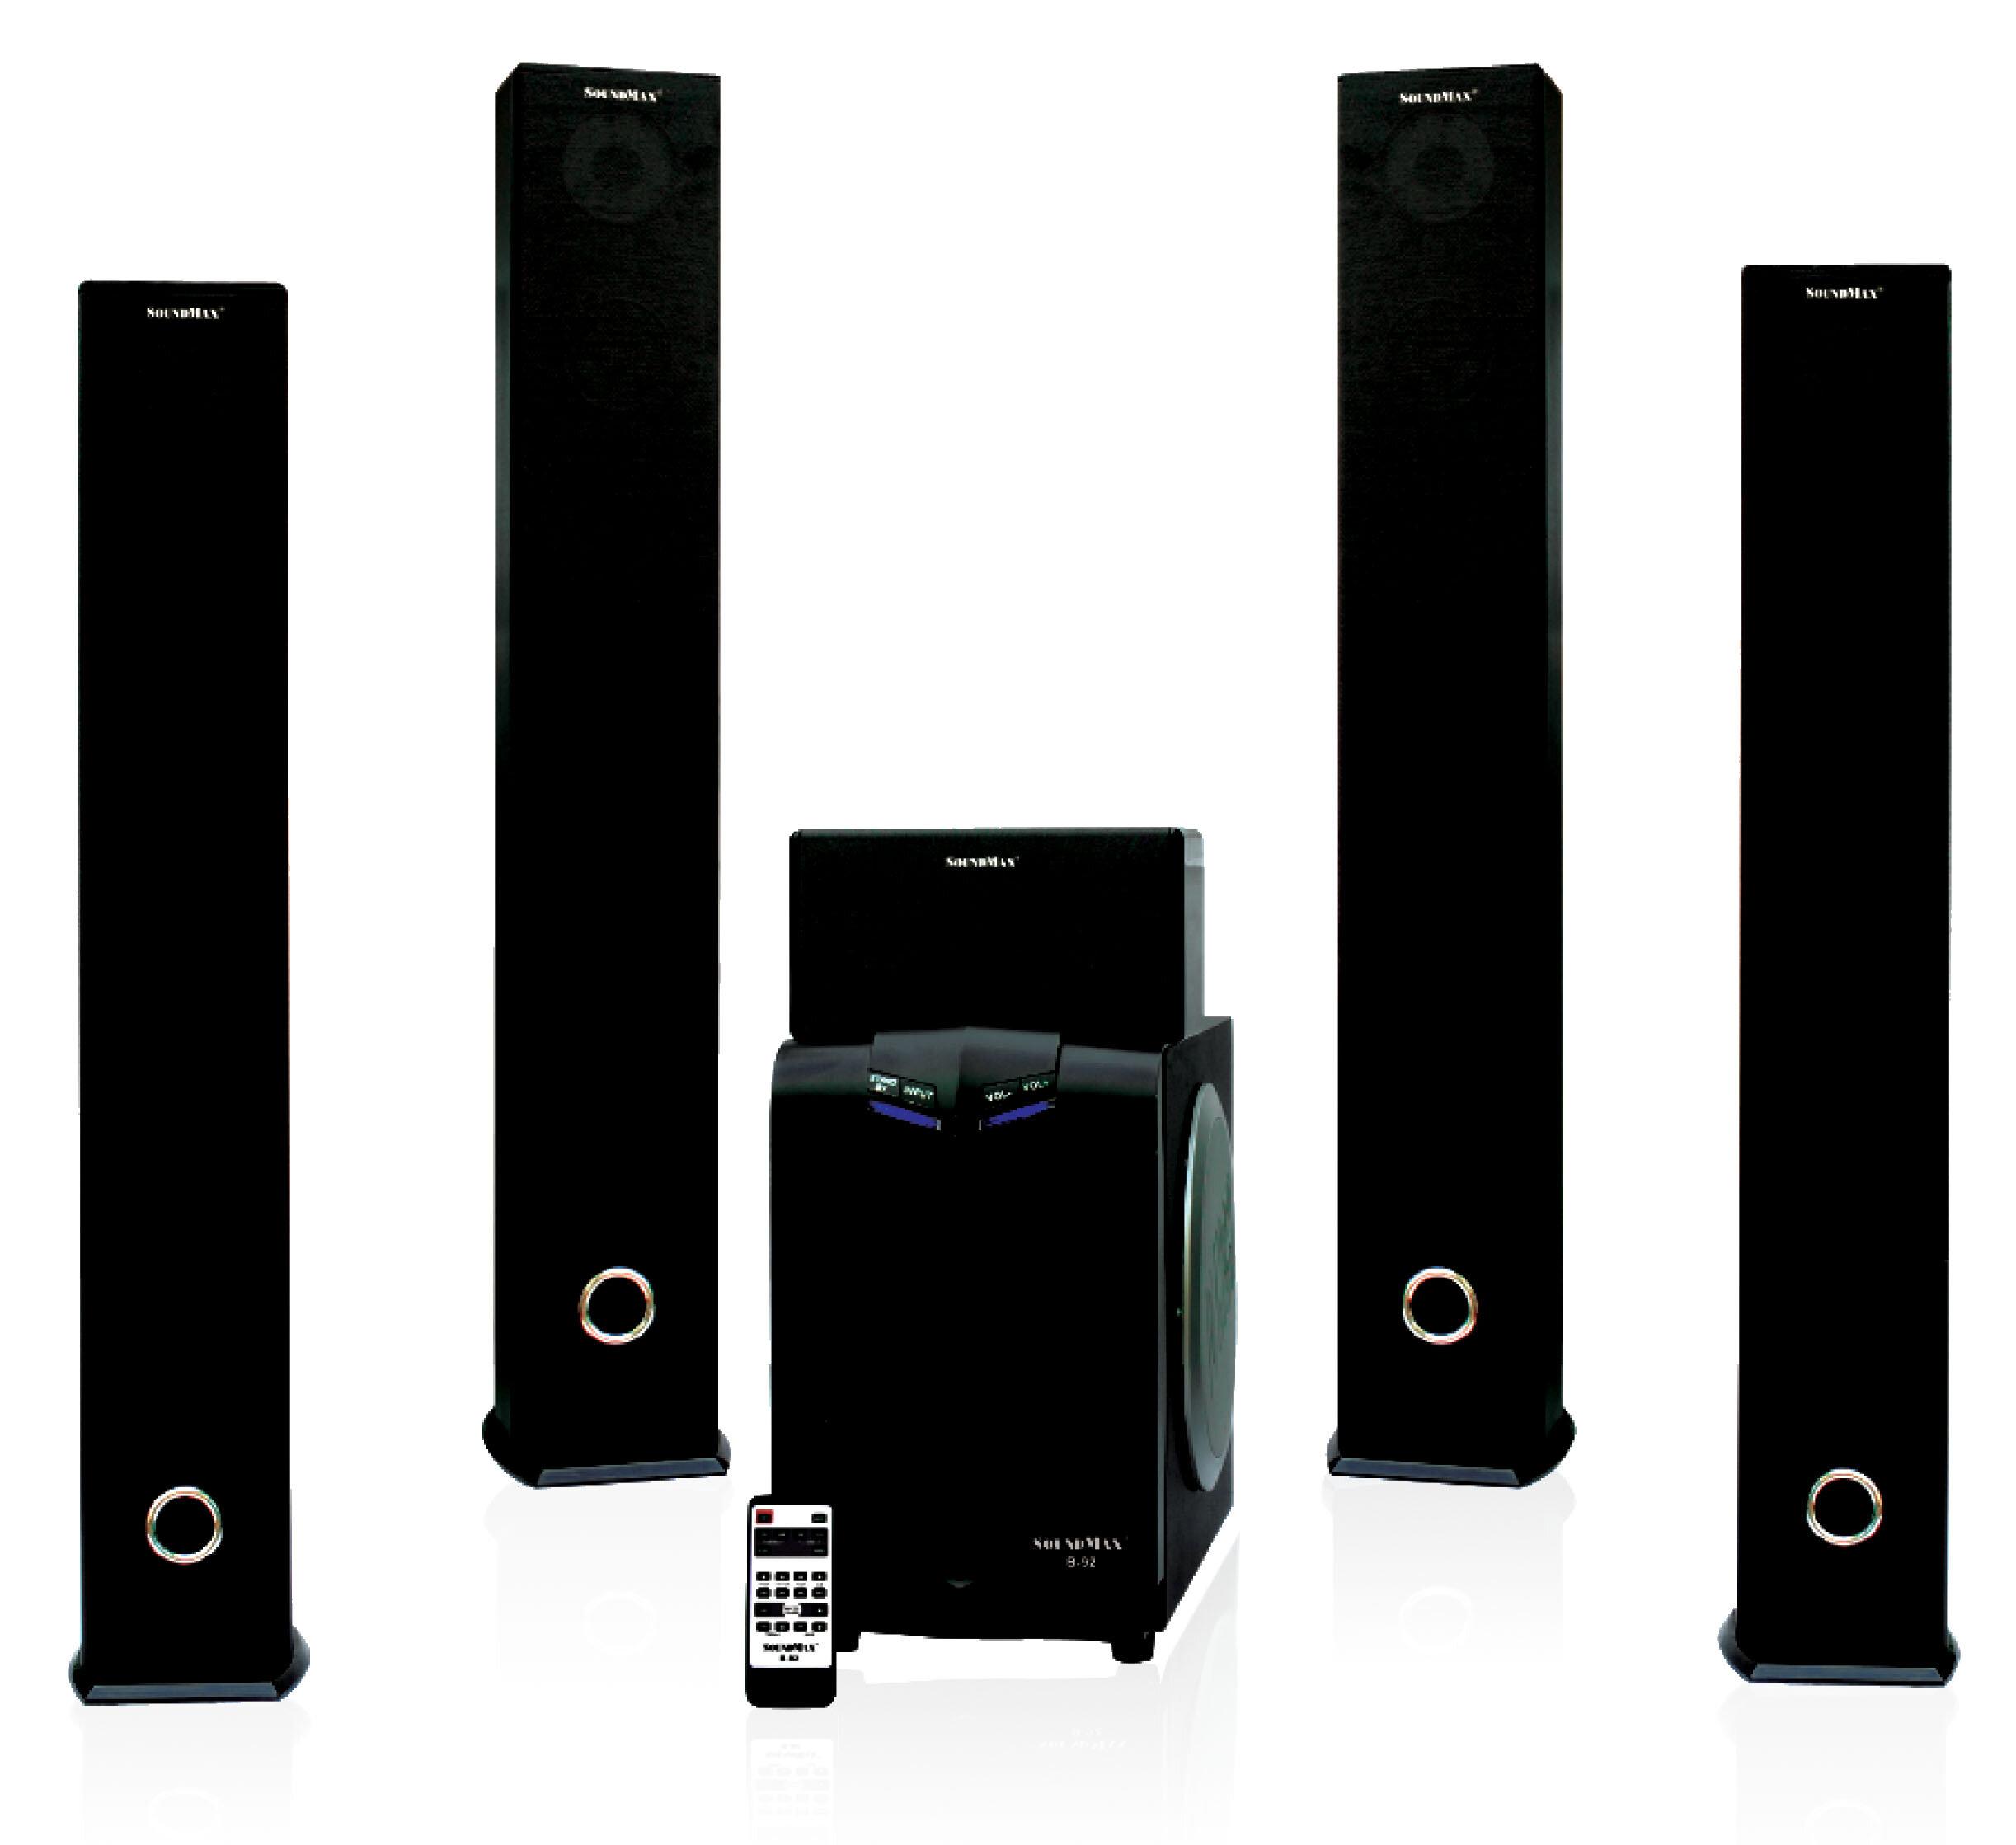 Đánh giá loa vi tính Soundmax B91 (B-91), 5.1- trải nghiệm âm thanh rạp hát